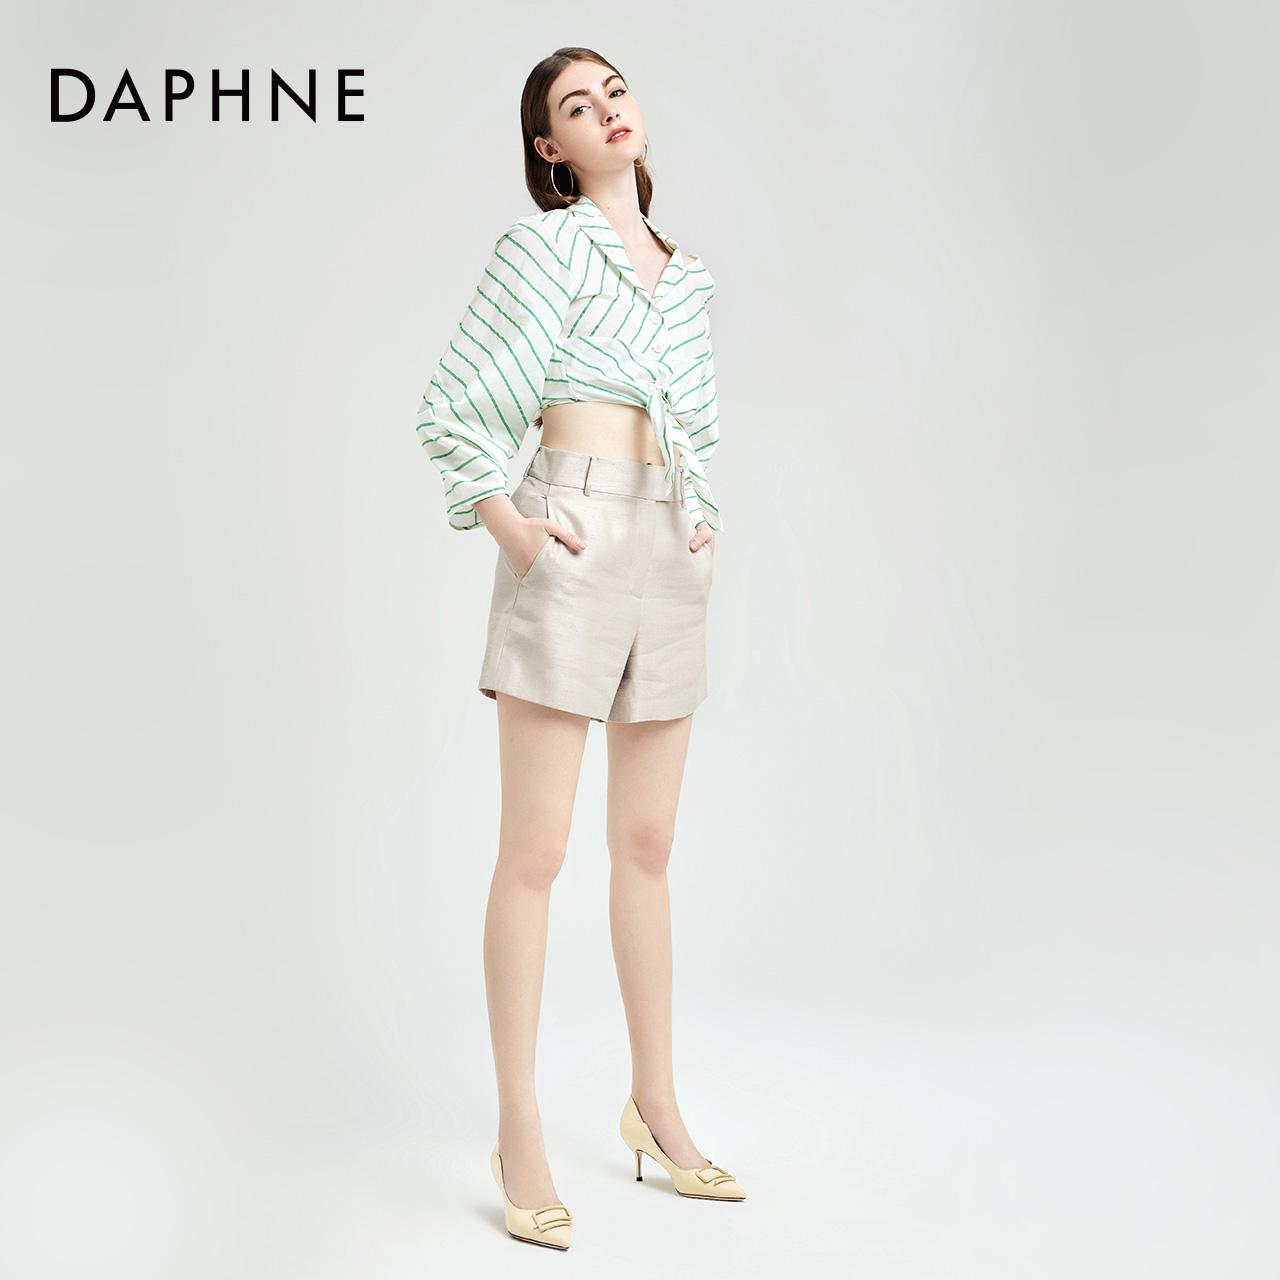 饰扣时尚浅口单鞋职场女鞋 e 春新品尖头高跟鞋 2020 达芙妮 Daphne